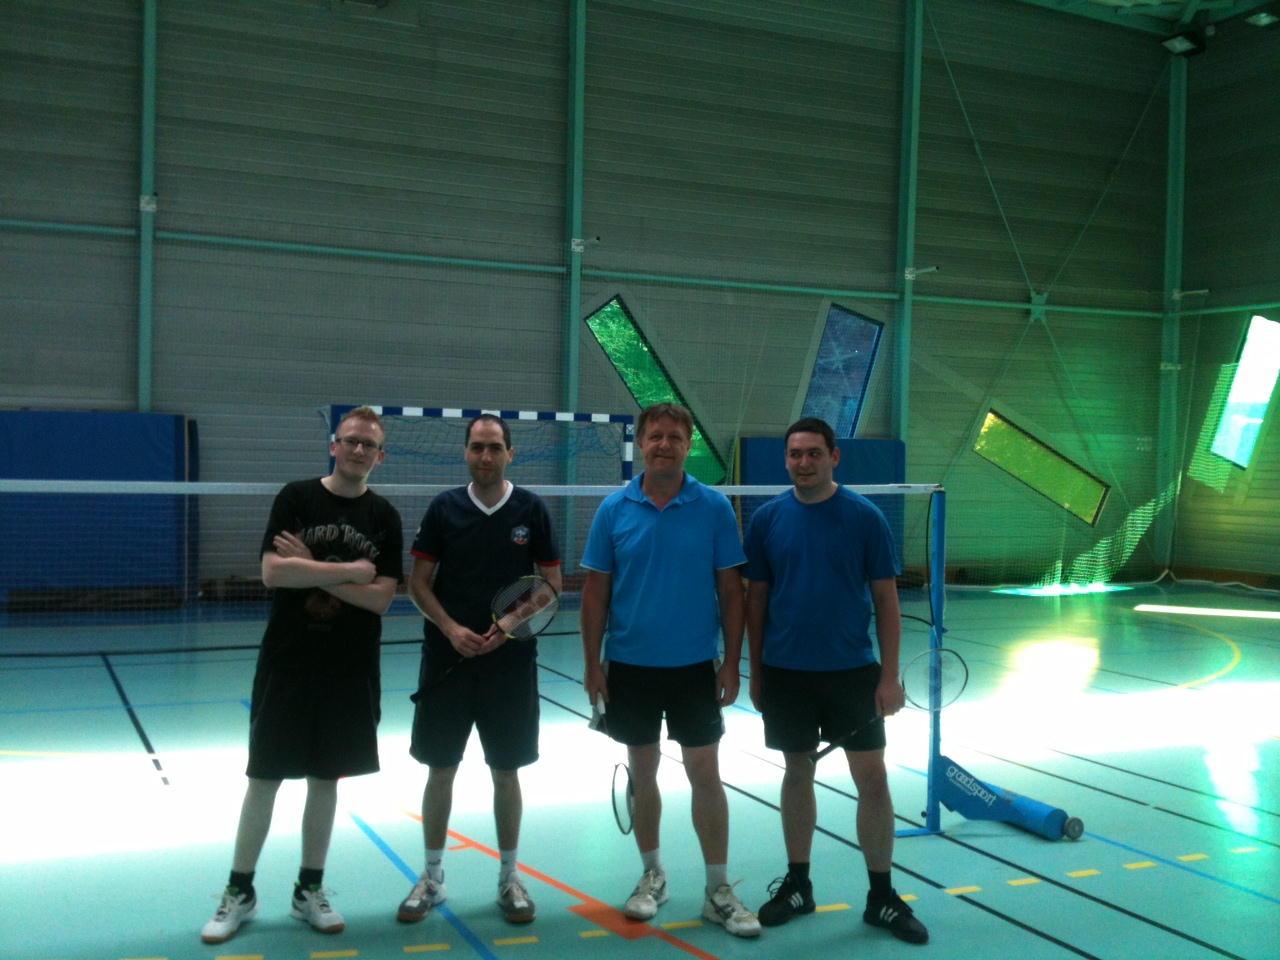 tournoi 5 avril badminton Lesquin